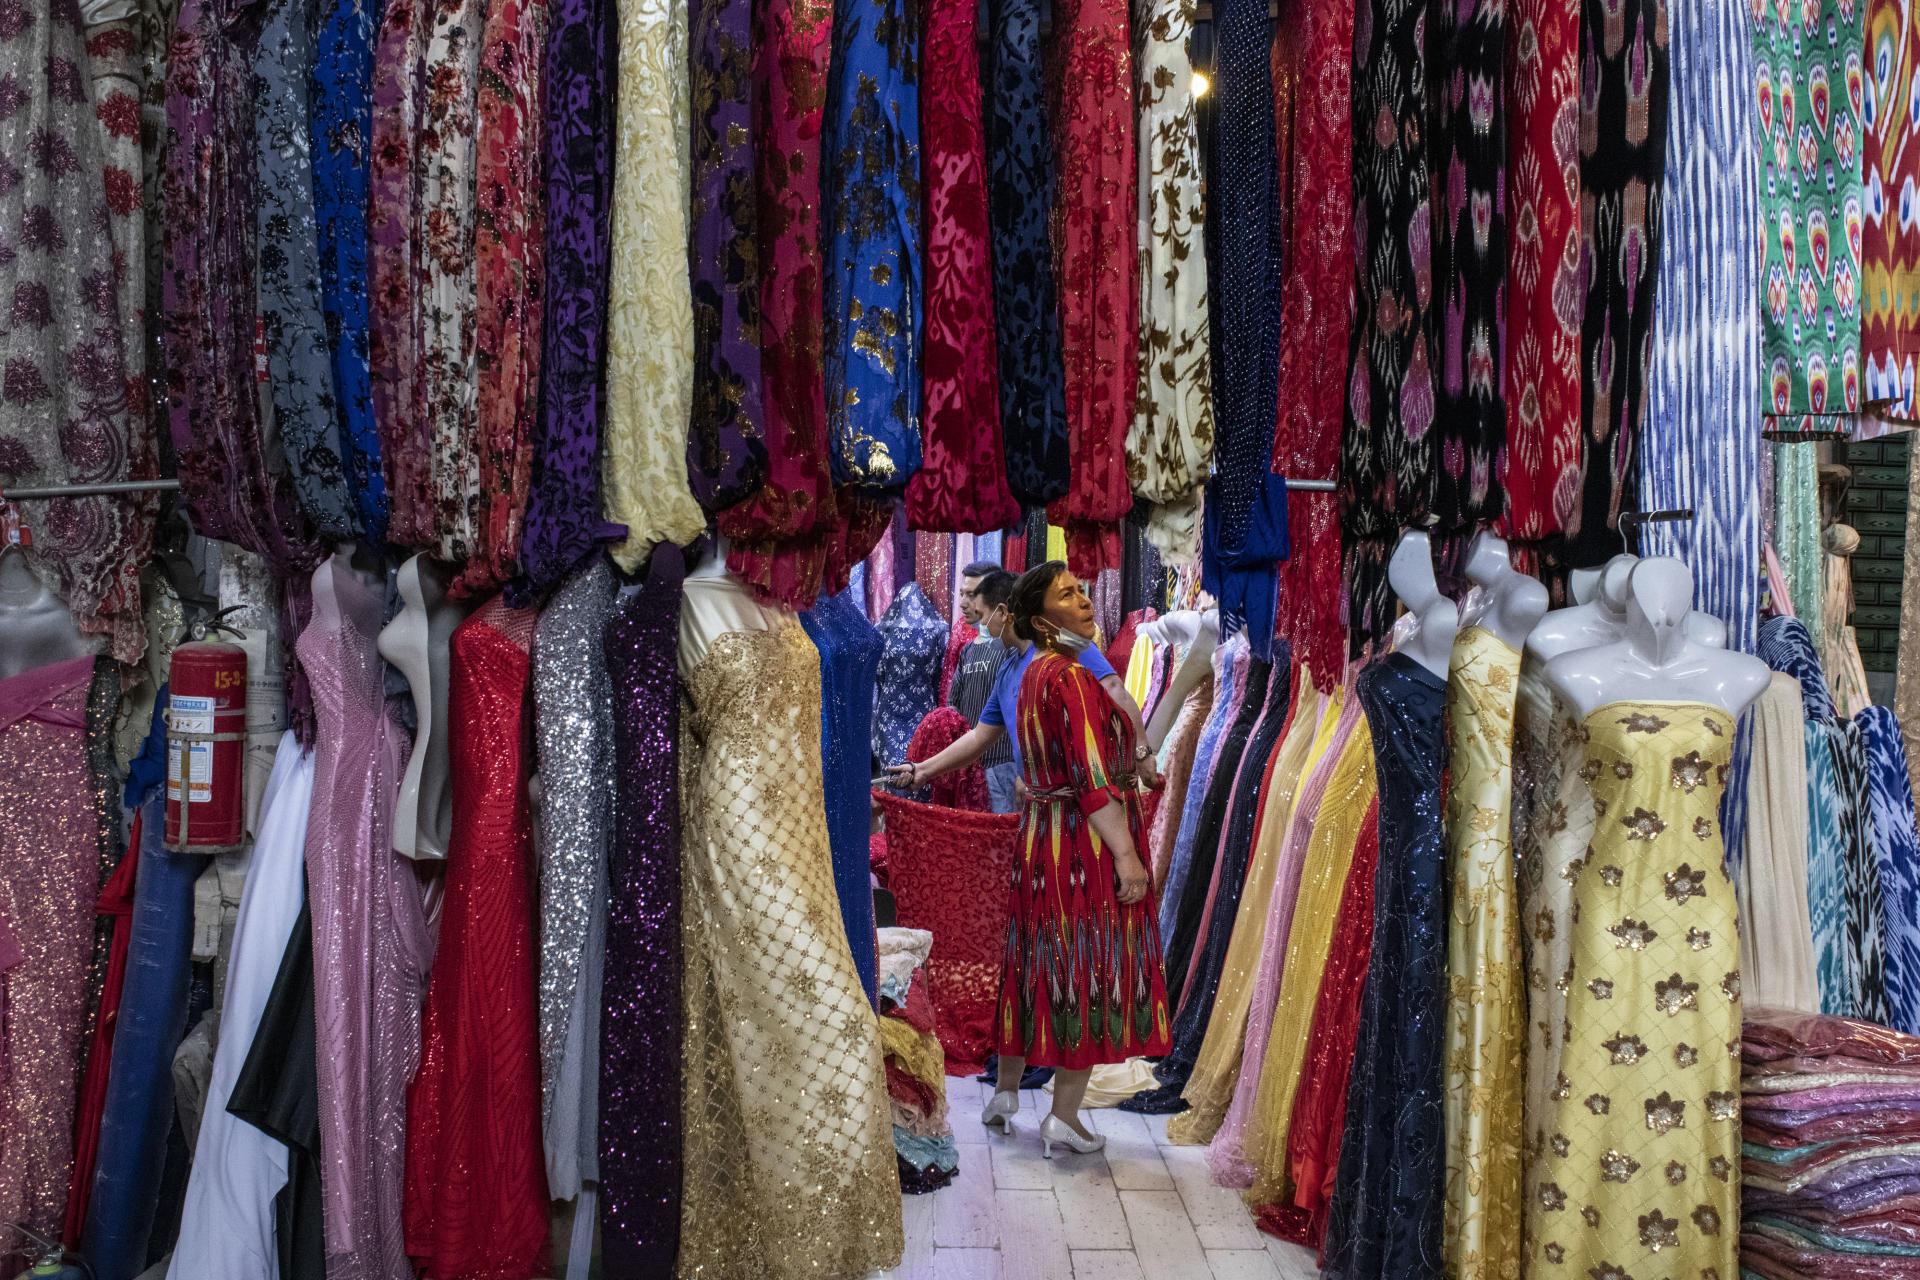 Au grand bazar, une Ouïgour dans un magasin de robes, à Kachgar, le 9 mai 2021. La période qui précède l'Aïd el-Fitr est traditionnellement une période d'achats de nouveaux vêtements.